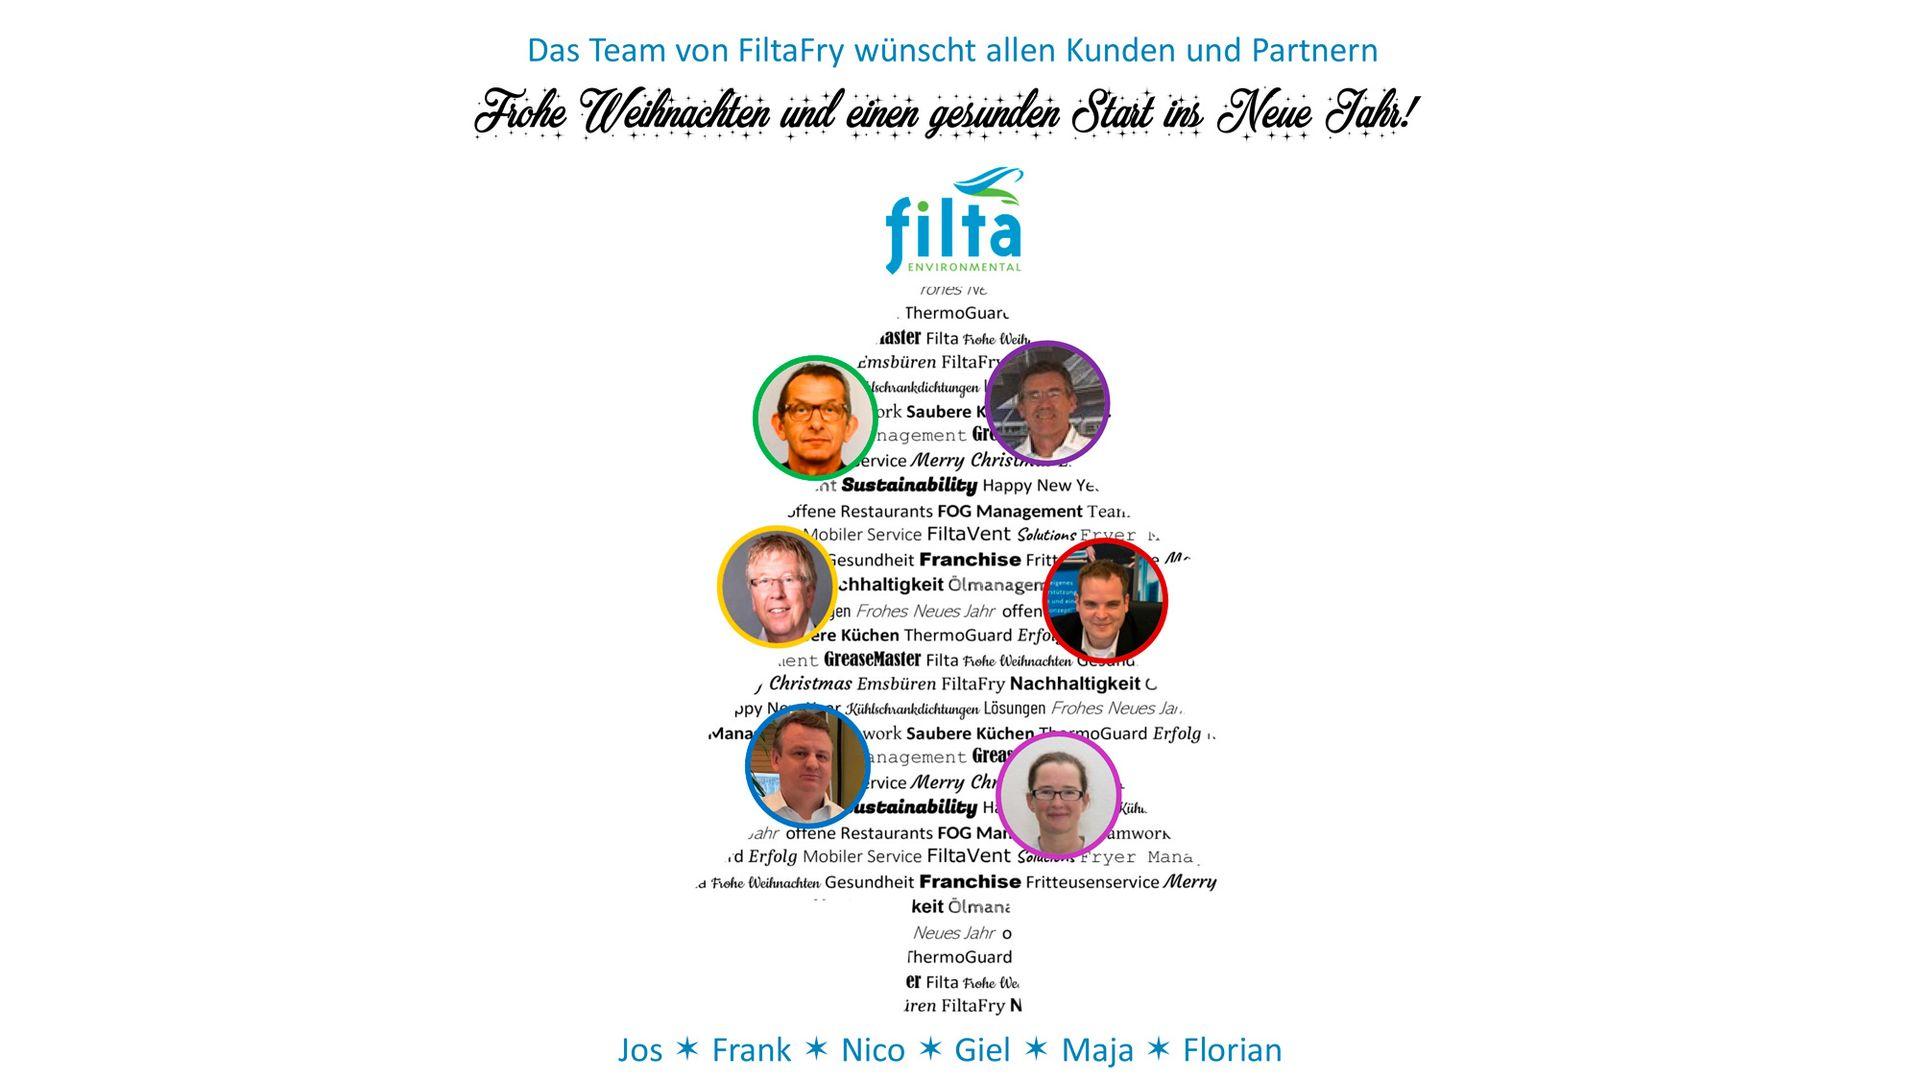 Das Team von FiltaFry wünscht allen Kunden und Partnern Frohe Weihnachten und einen gesunden Start ins Neue Jahr!